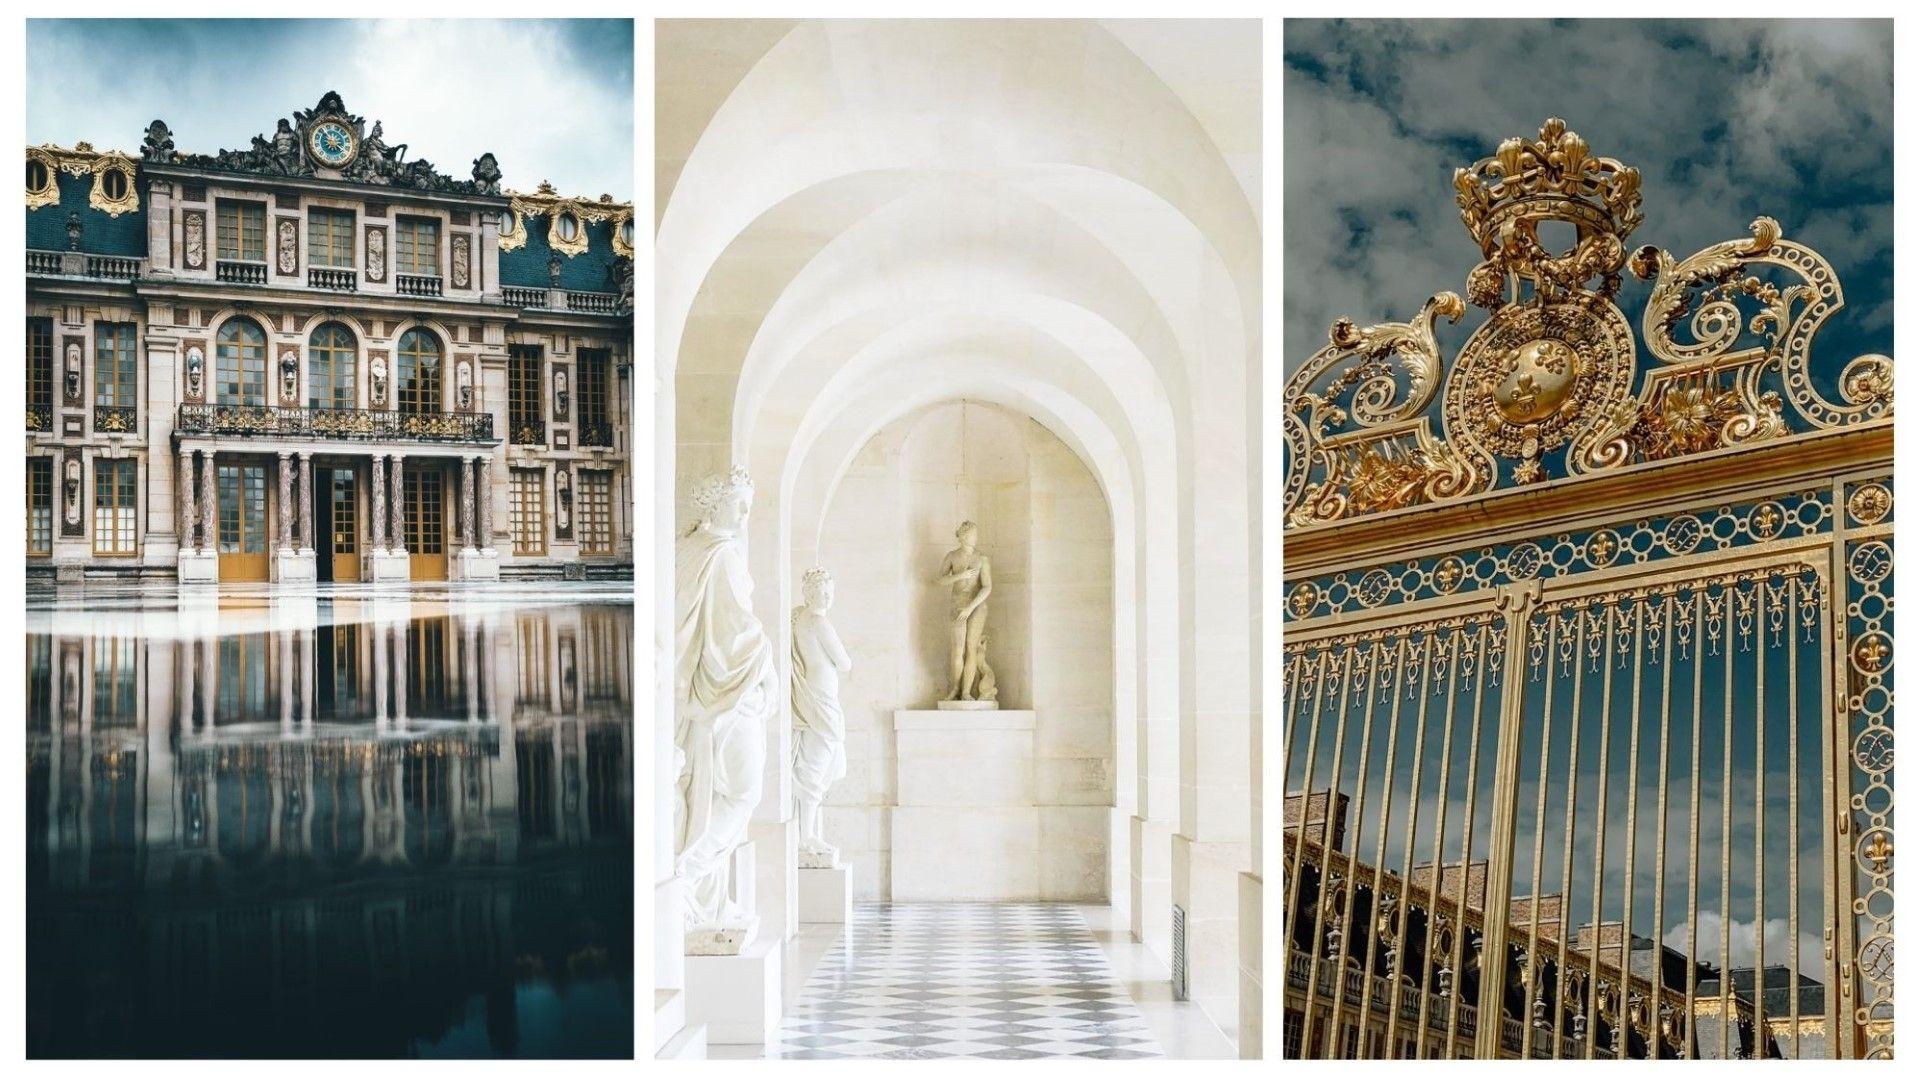 Най-вляво е входът за апартаментите на краля, където е скрит тайният му кабинет